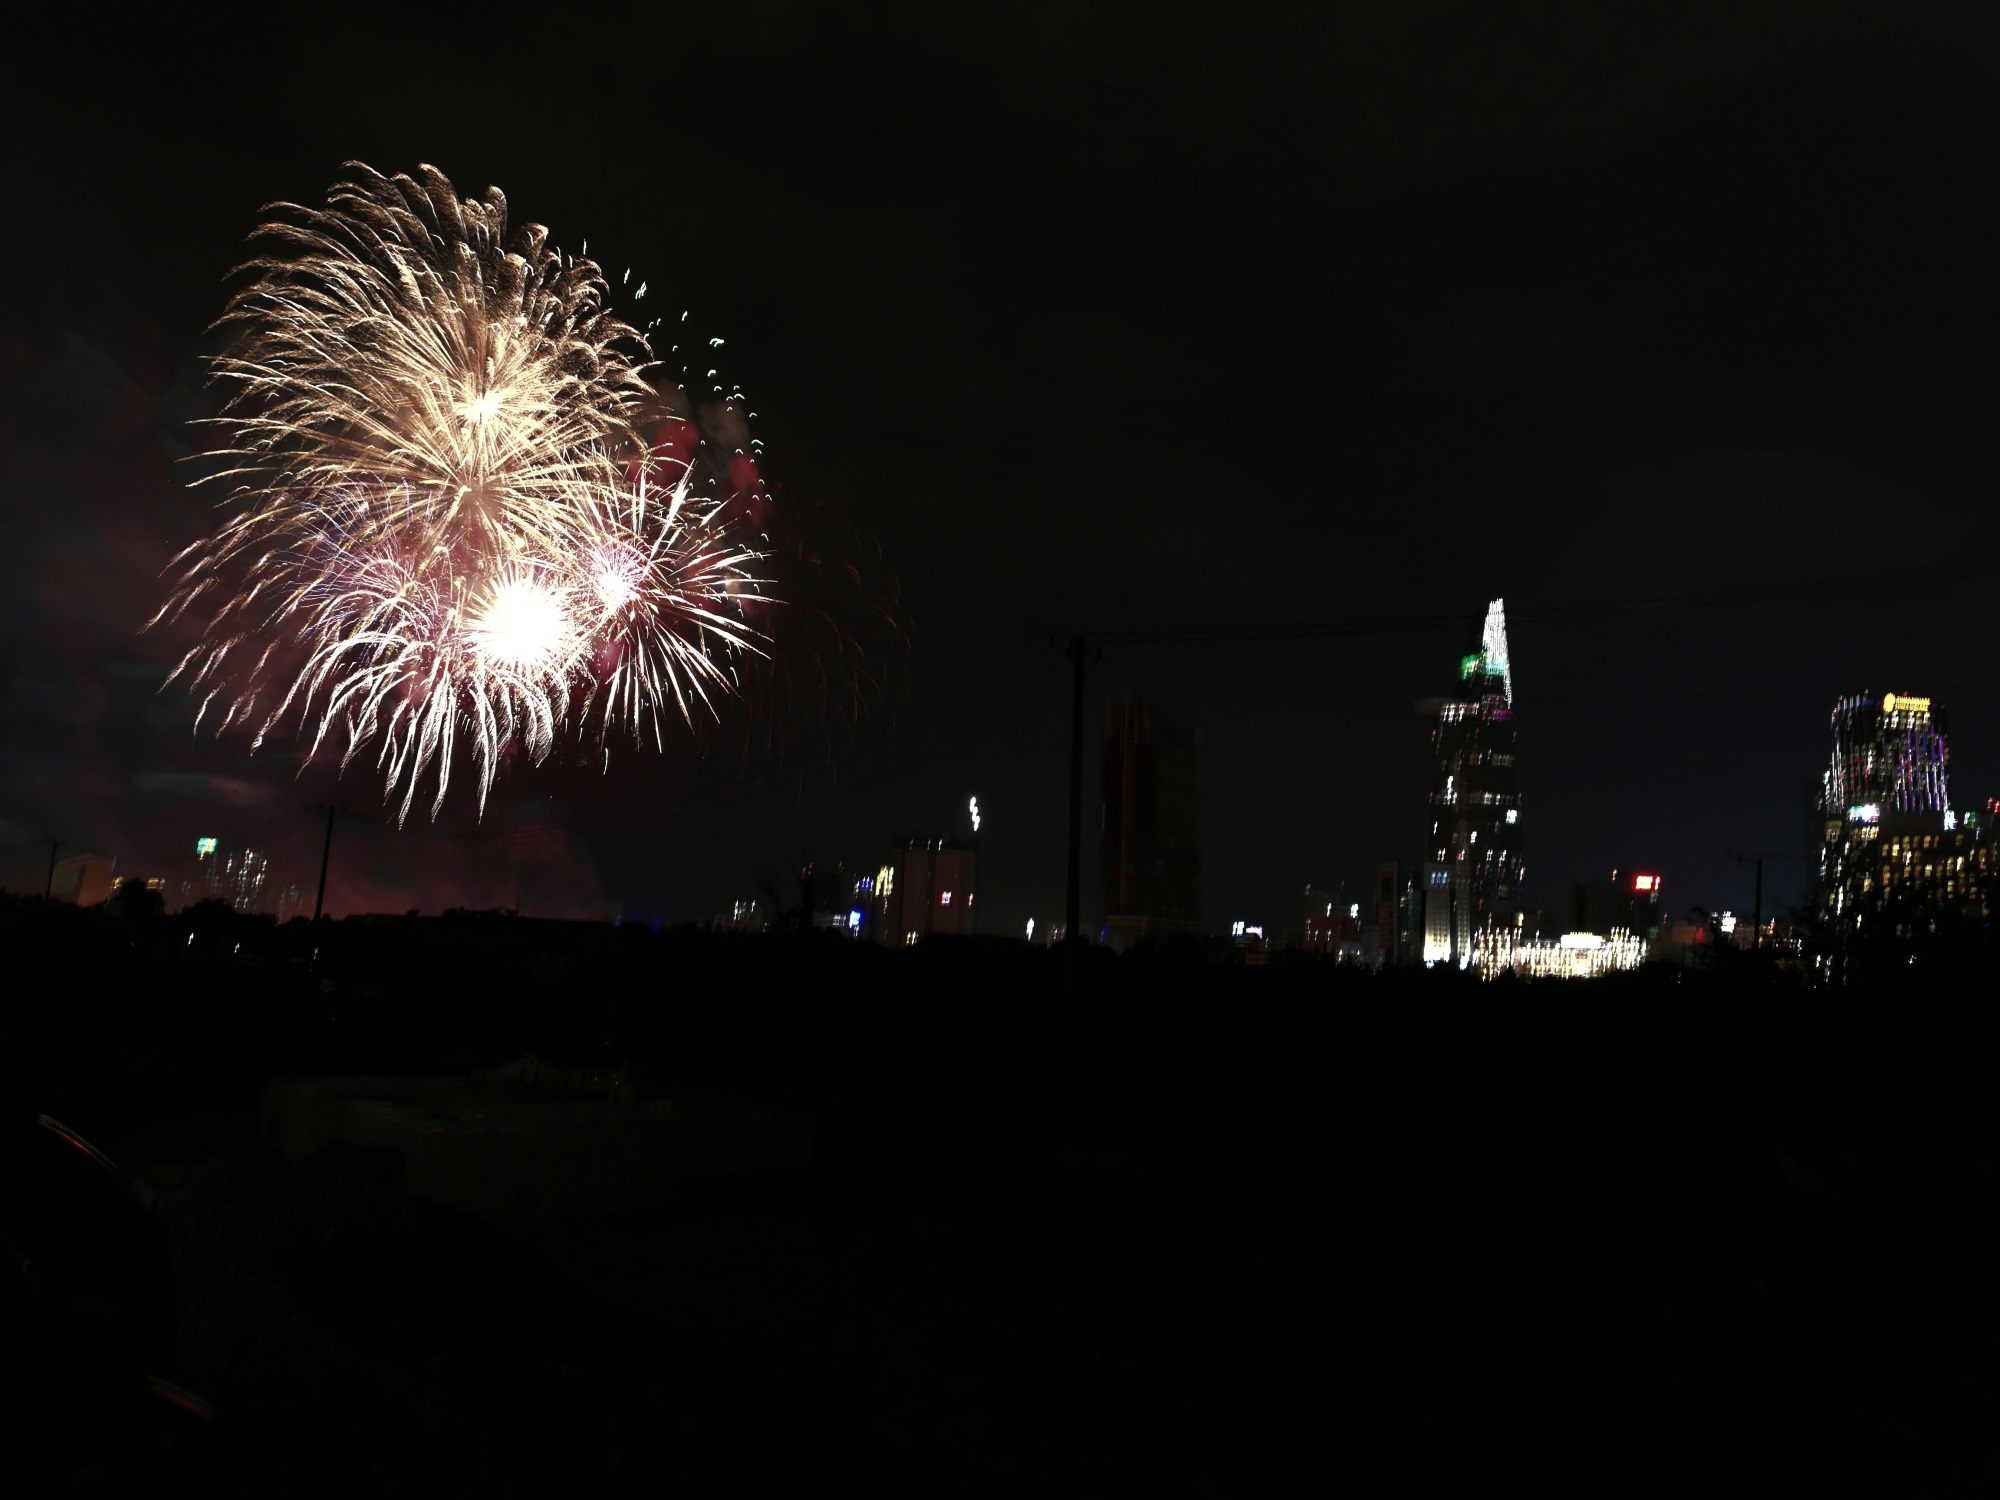 Hàng triệu người dân Sài Gòn xuống phố đón màn pháo hoa rực rỡ mừng năm mới 2019 - Ảnh 3